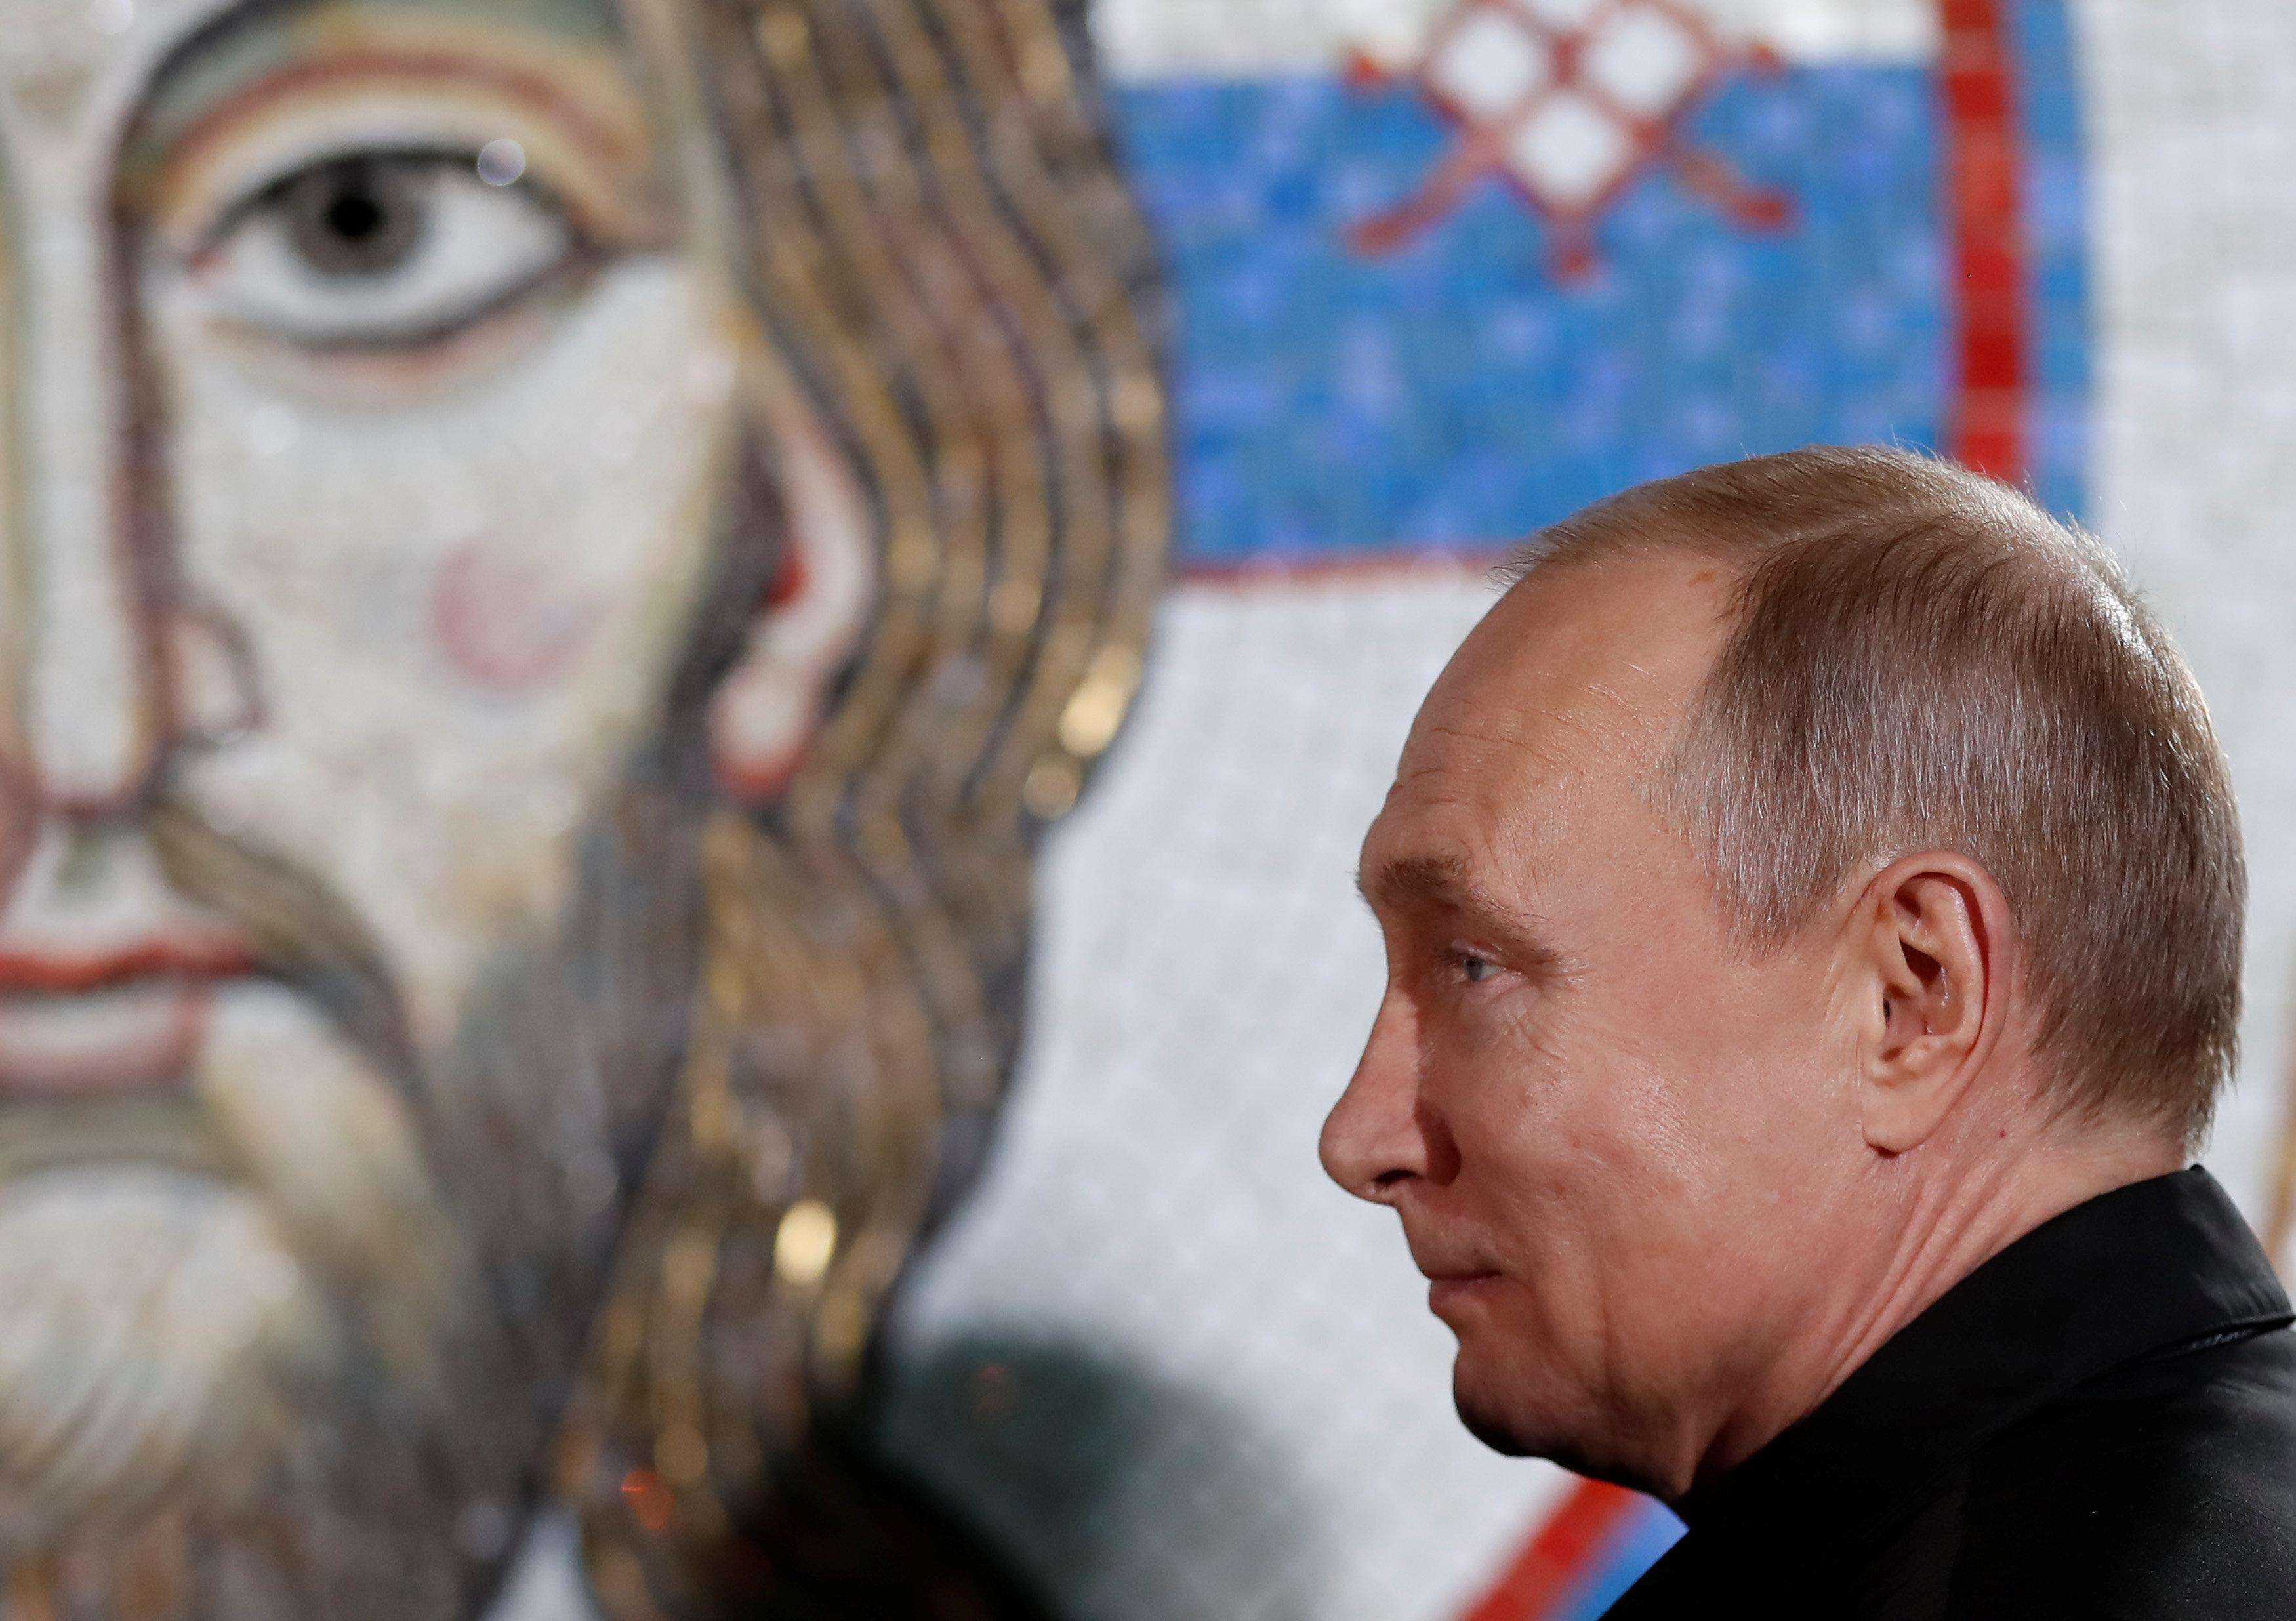 Δωρέα 5 εκατ. από τον Πούτιν σε ορθόδοξο ναό της Σερβίας